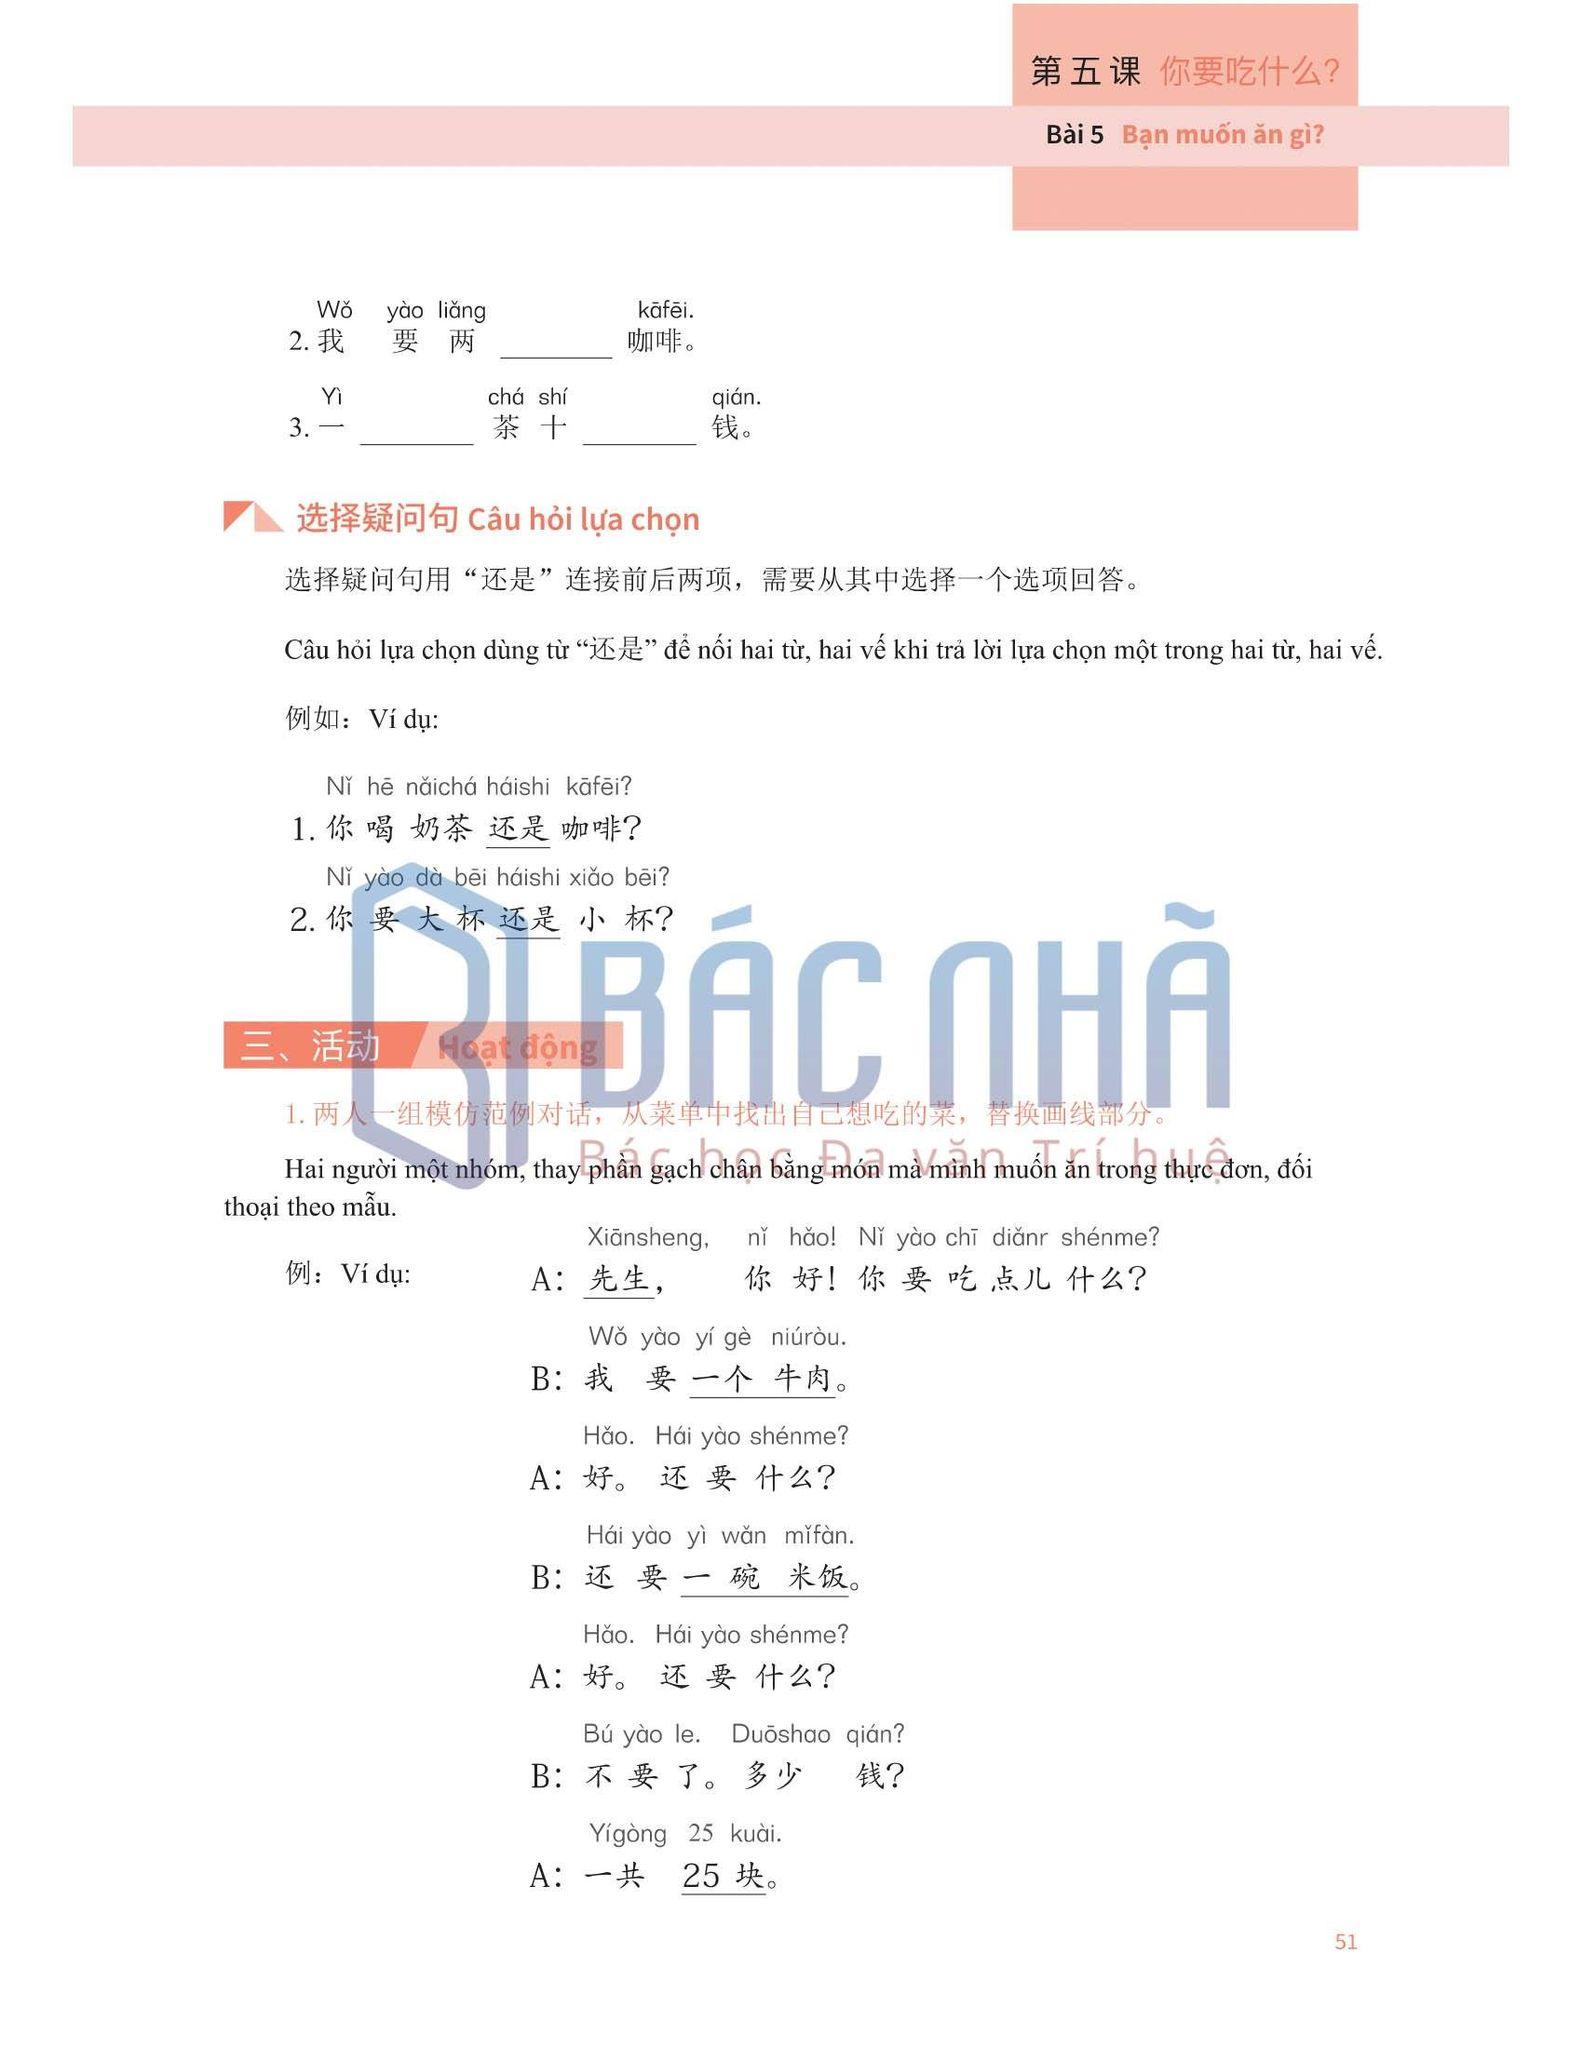 Hình ảnh Giáo trình Hán ngữ đại học Bắc Kinh MSUTONG mới nhất 4